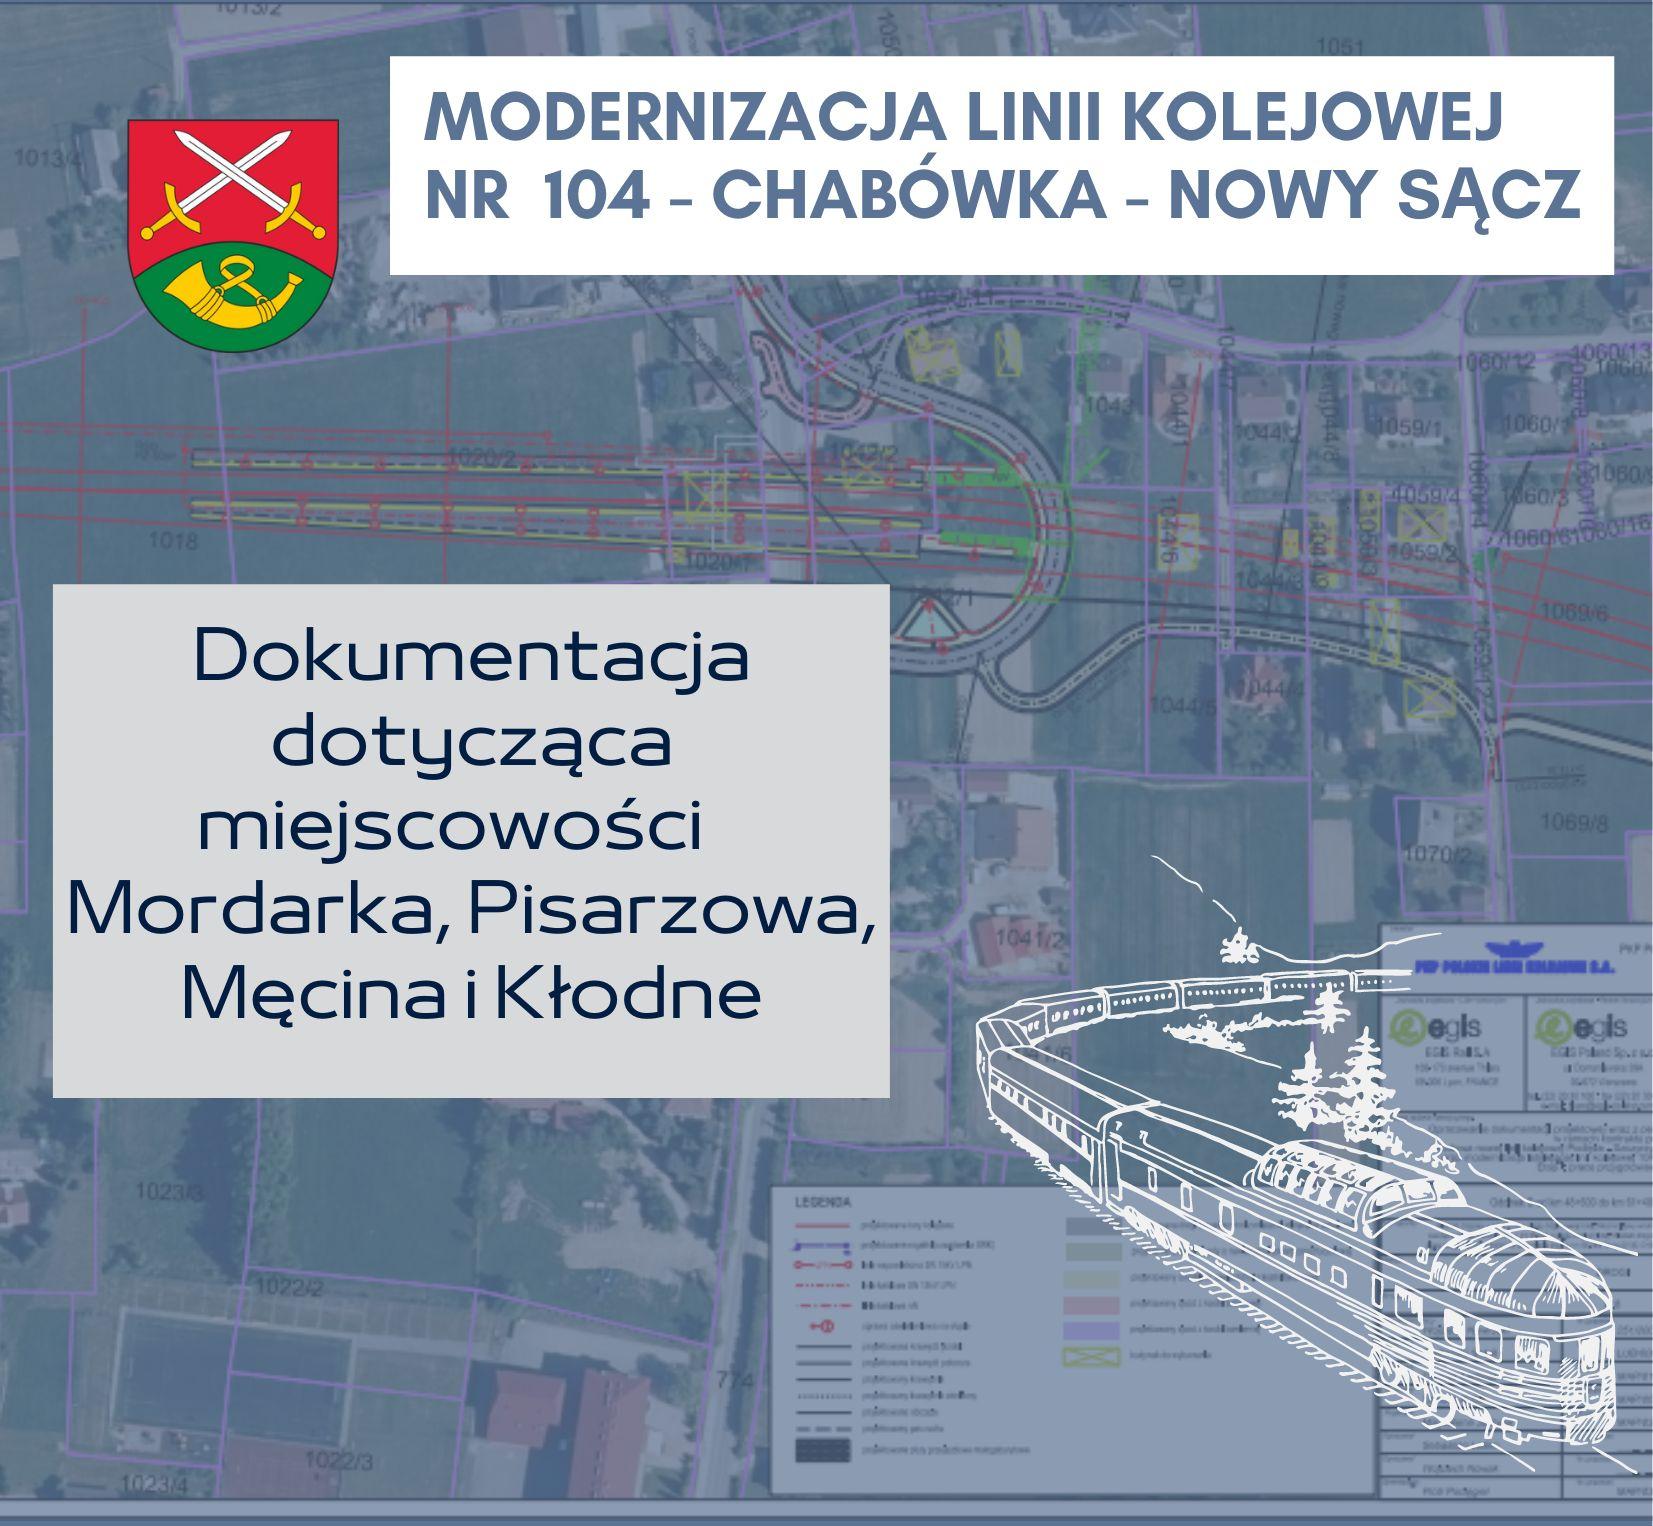 Dokumentacja dotycząca Mordarki, Pisarzowej, Męciny i Kłodnego odnośnie modernizacji linii PKP - zdjęcie główne